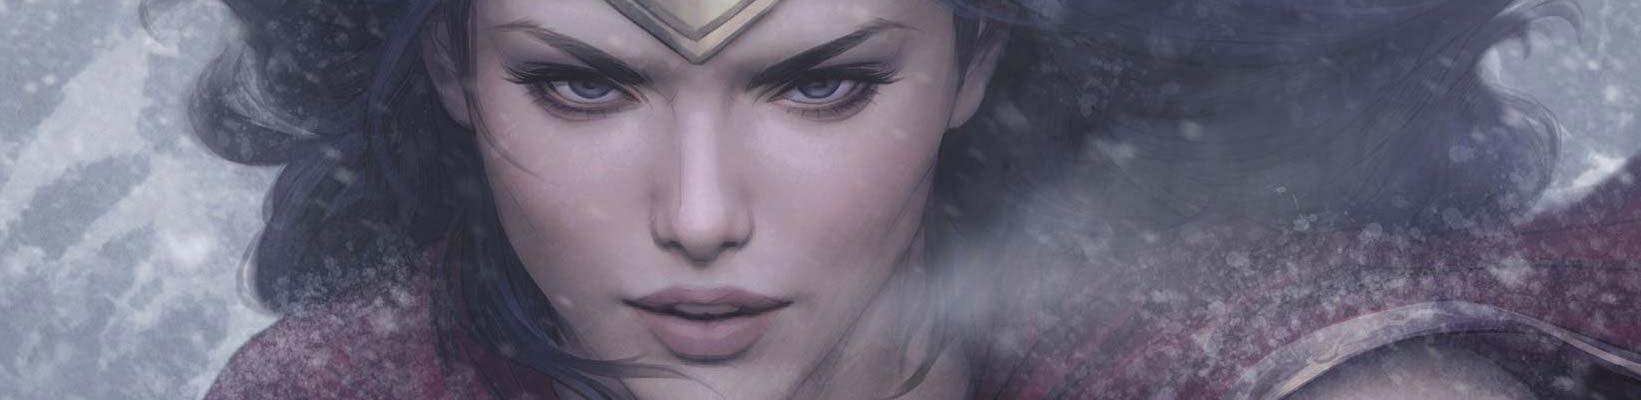 Wonder Woman 51